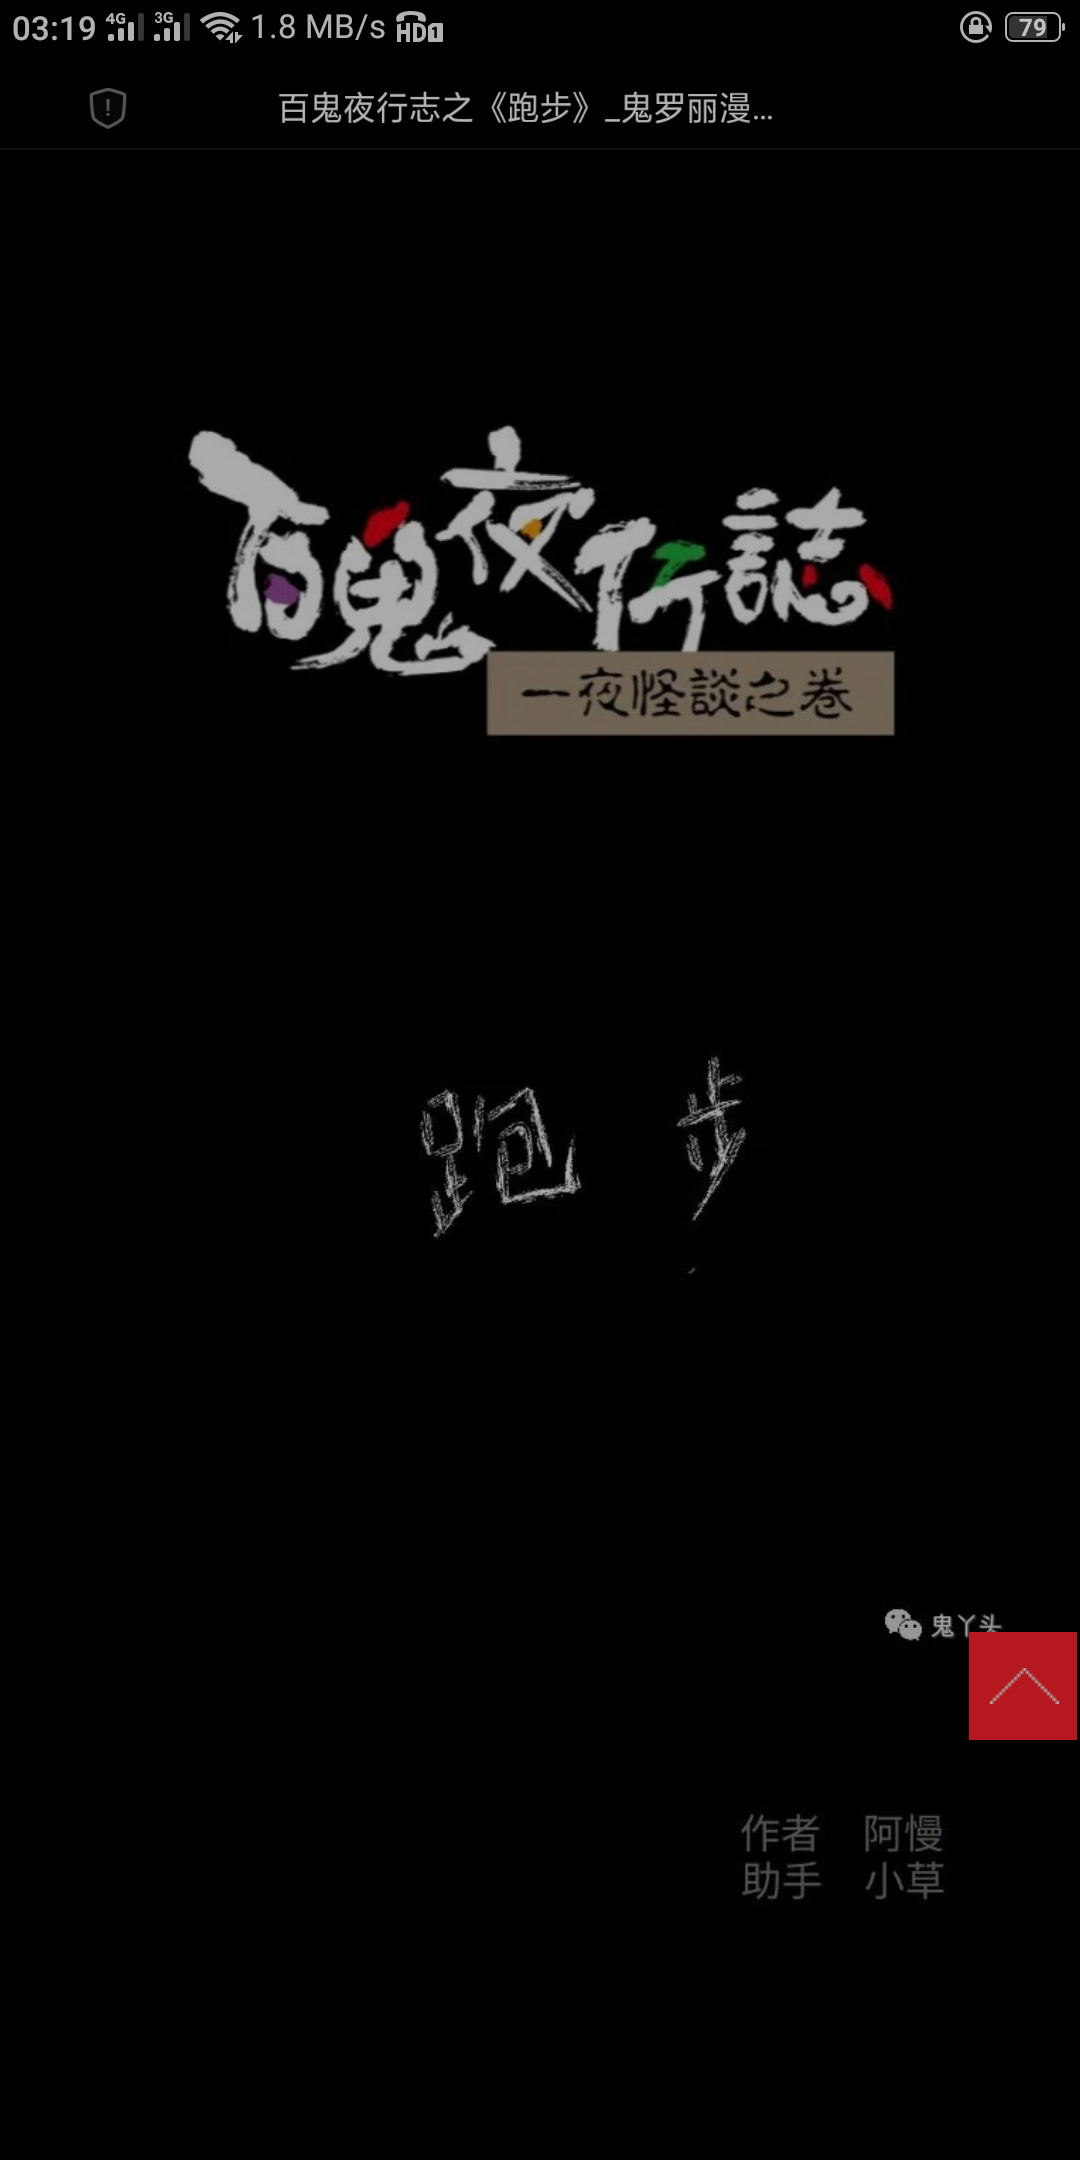 【漫画更新】百鬼夜行志之《跑步》-小柚妹站